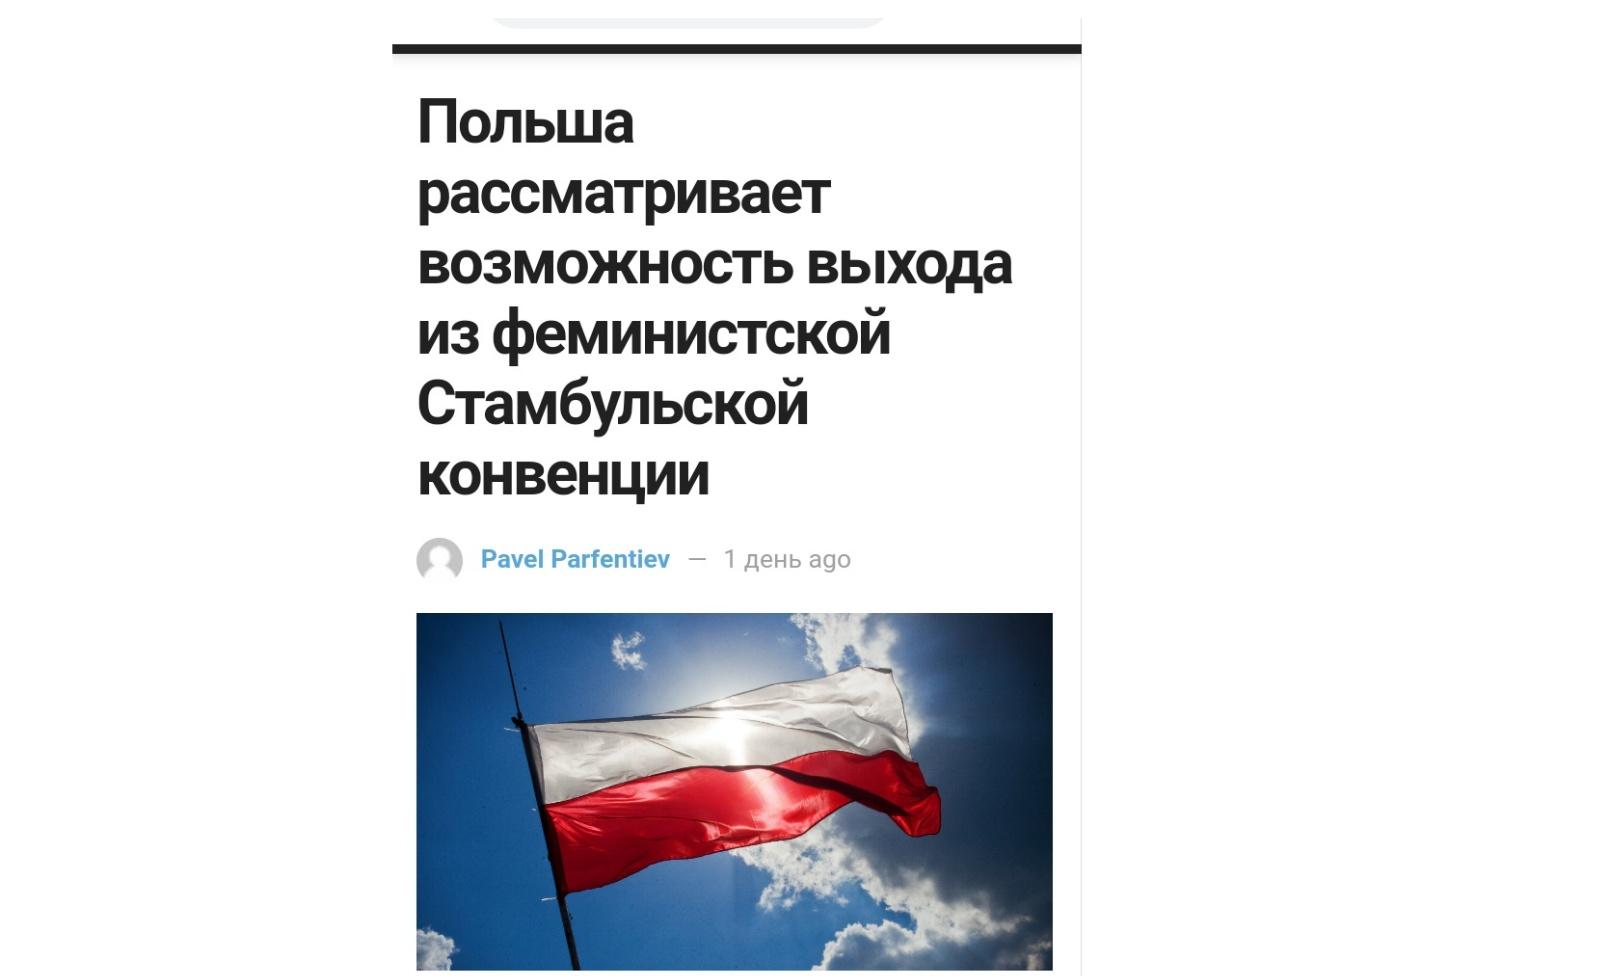 Международные просемейные новости: «Польша рассматривает возможность выхода из феминистской Стамбульской конвенции» (21.07.20)